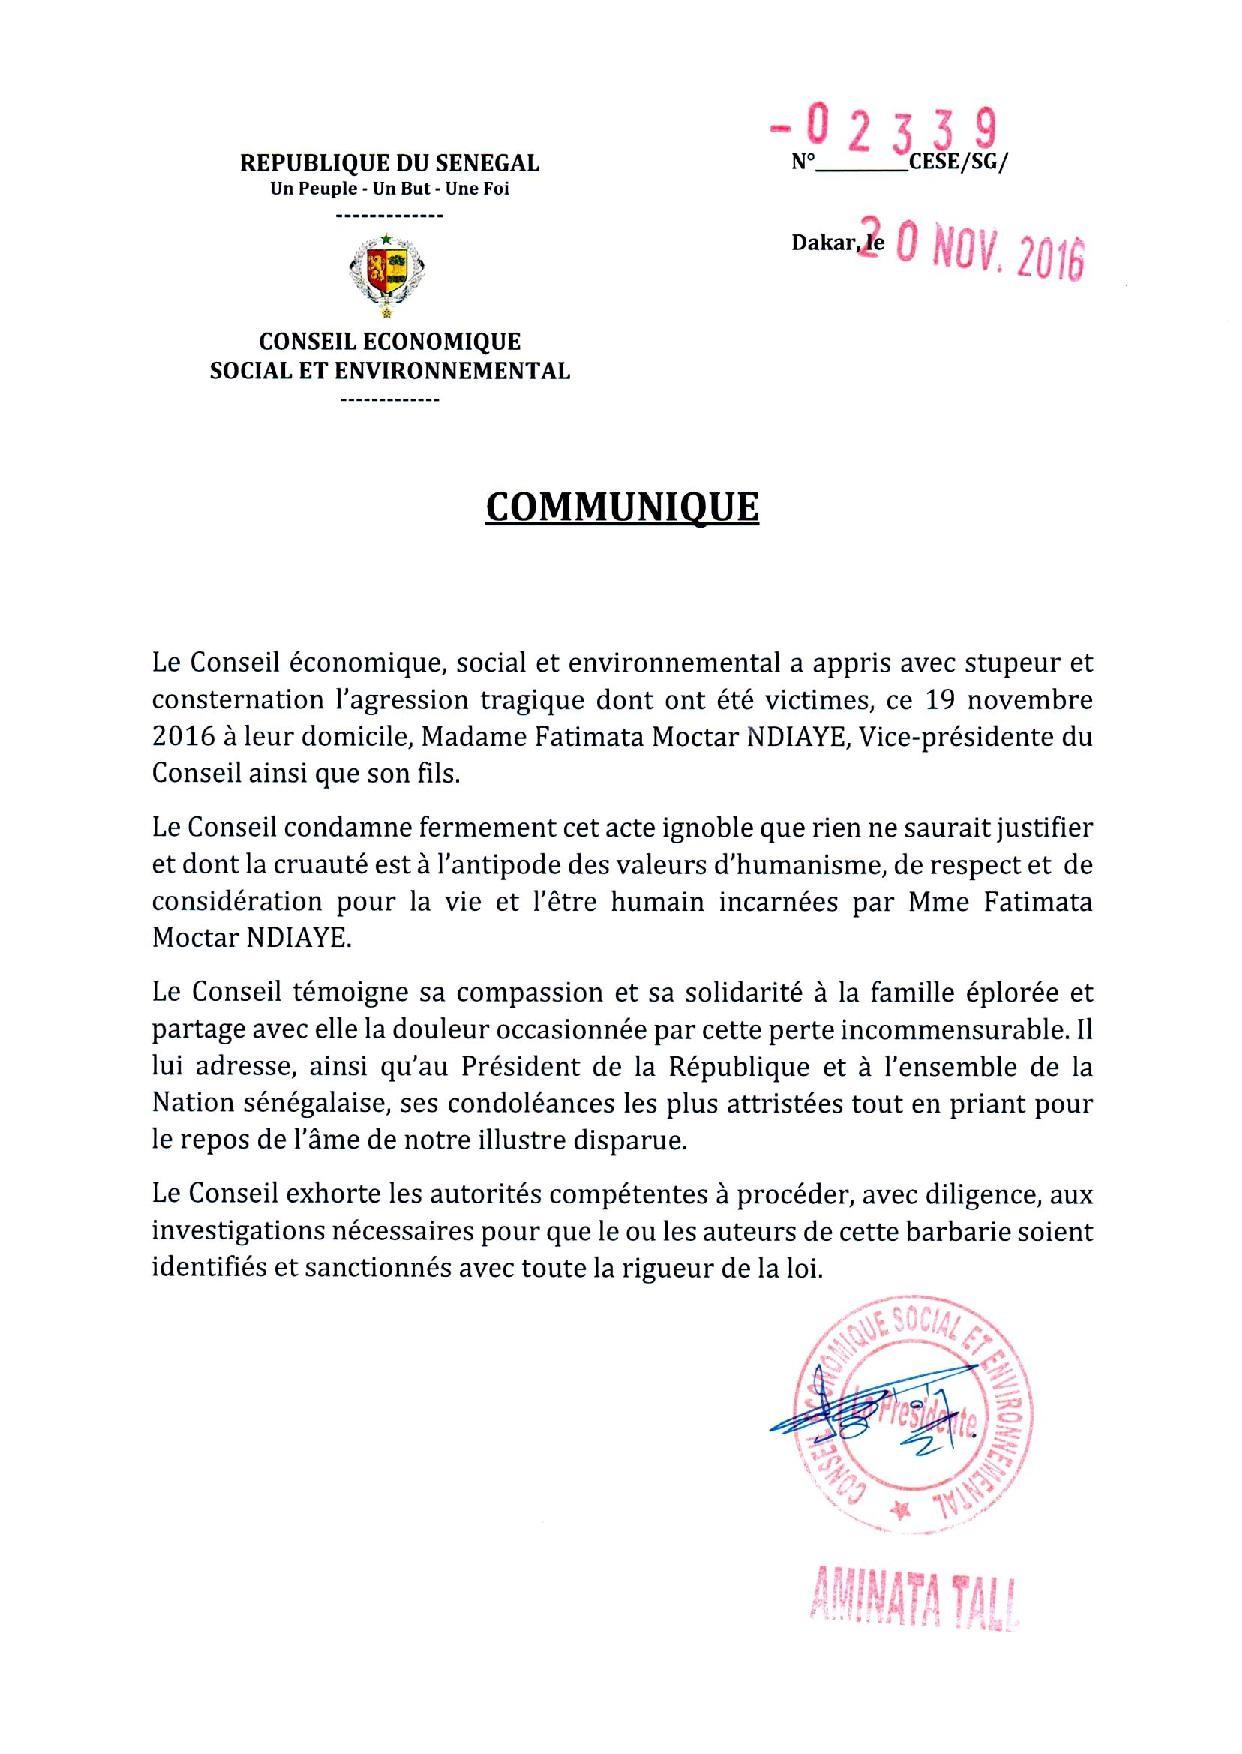 Le communiqué officiel du Conseil Economique, Social et Environnemental.